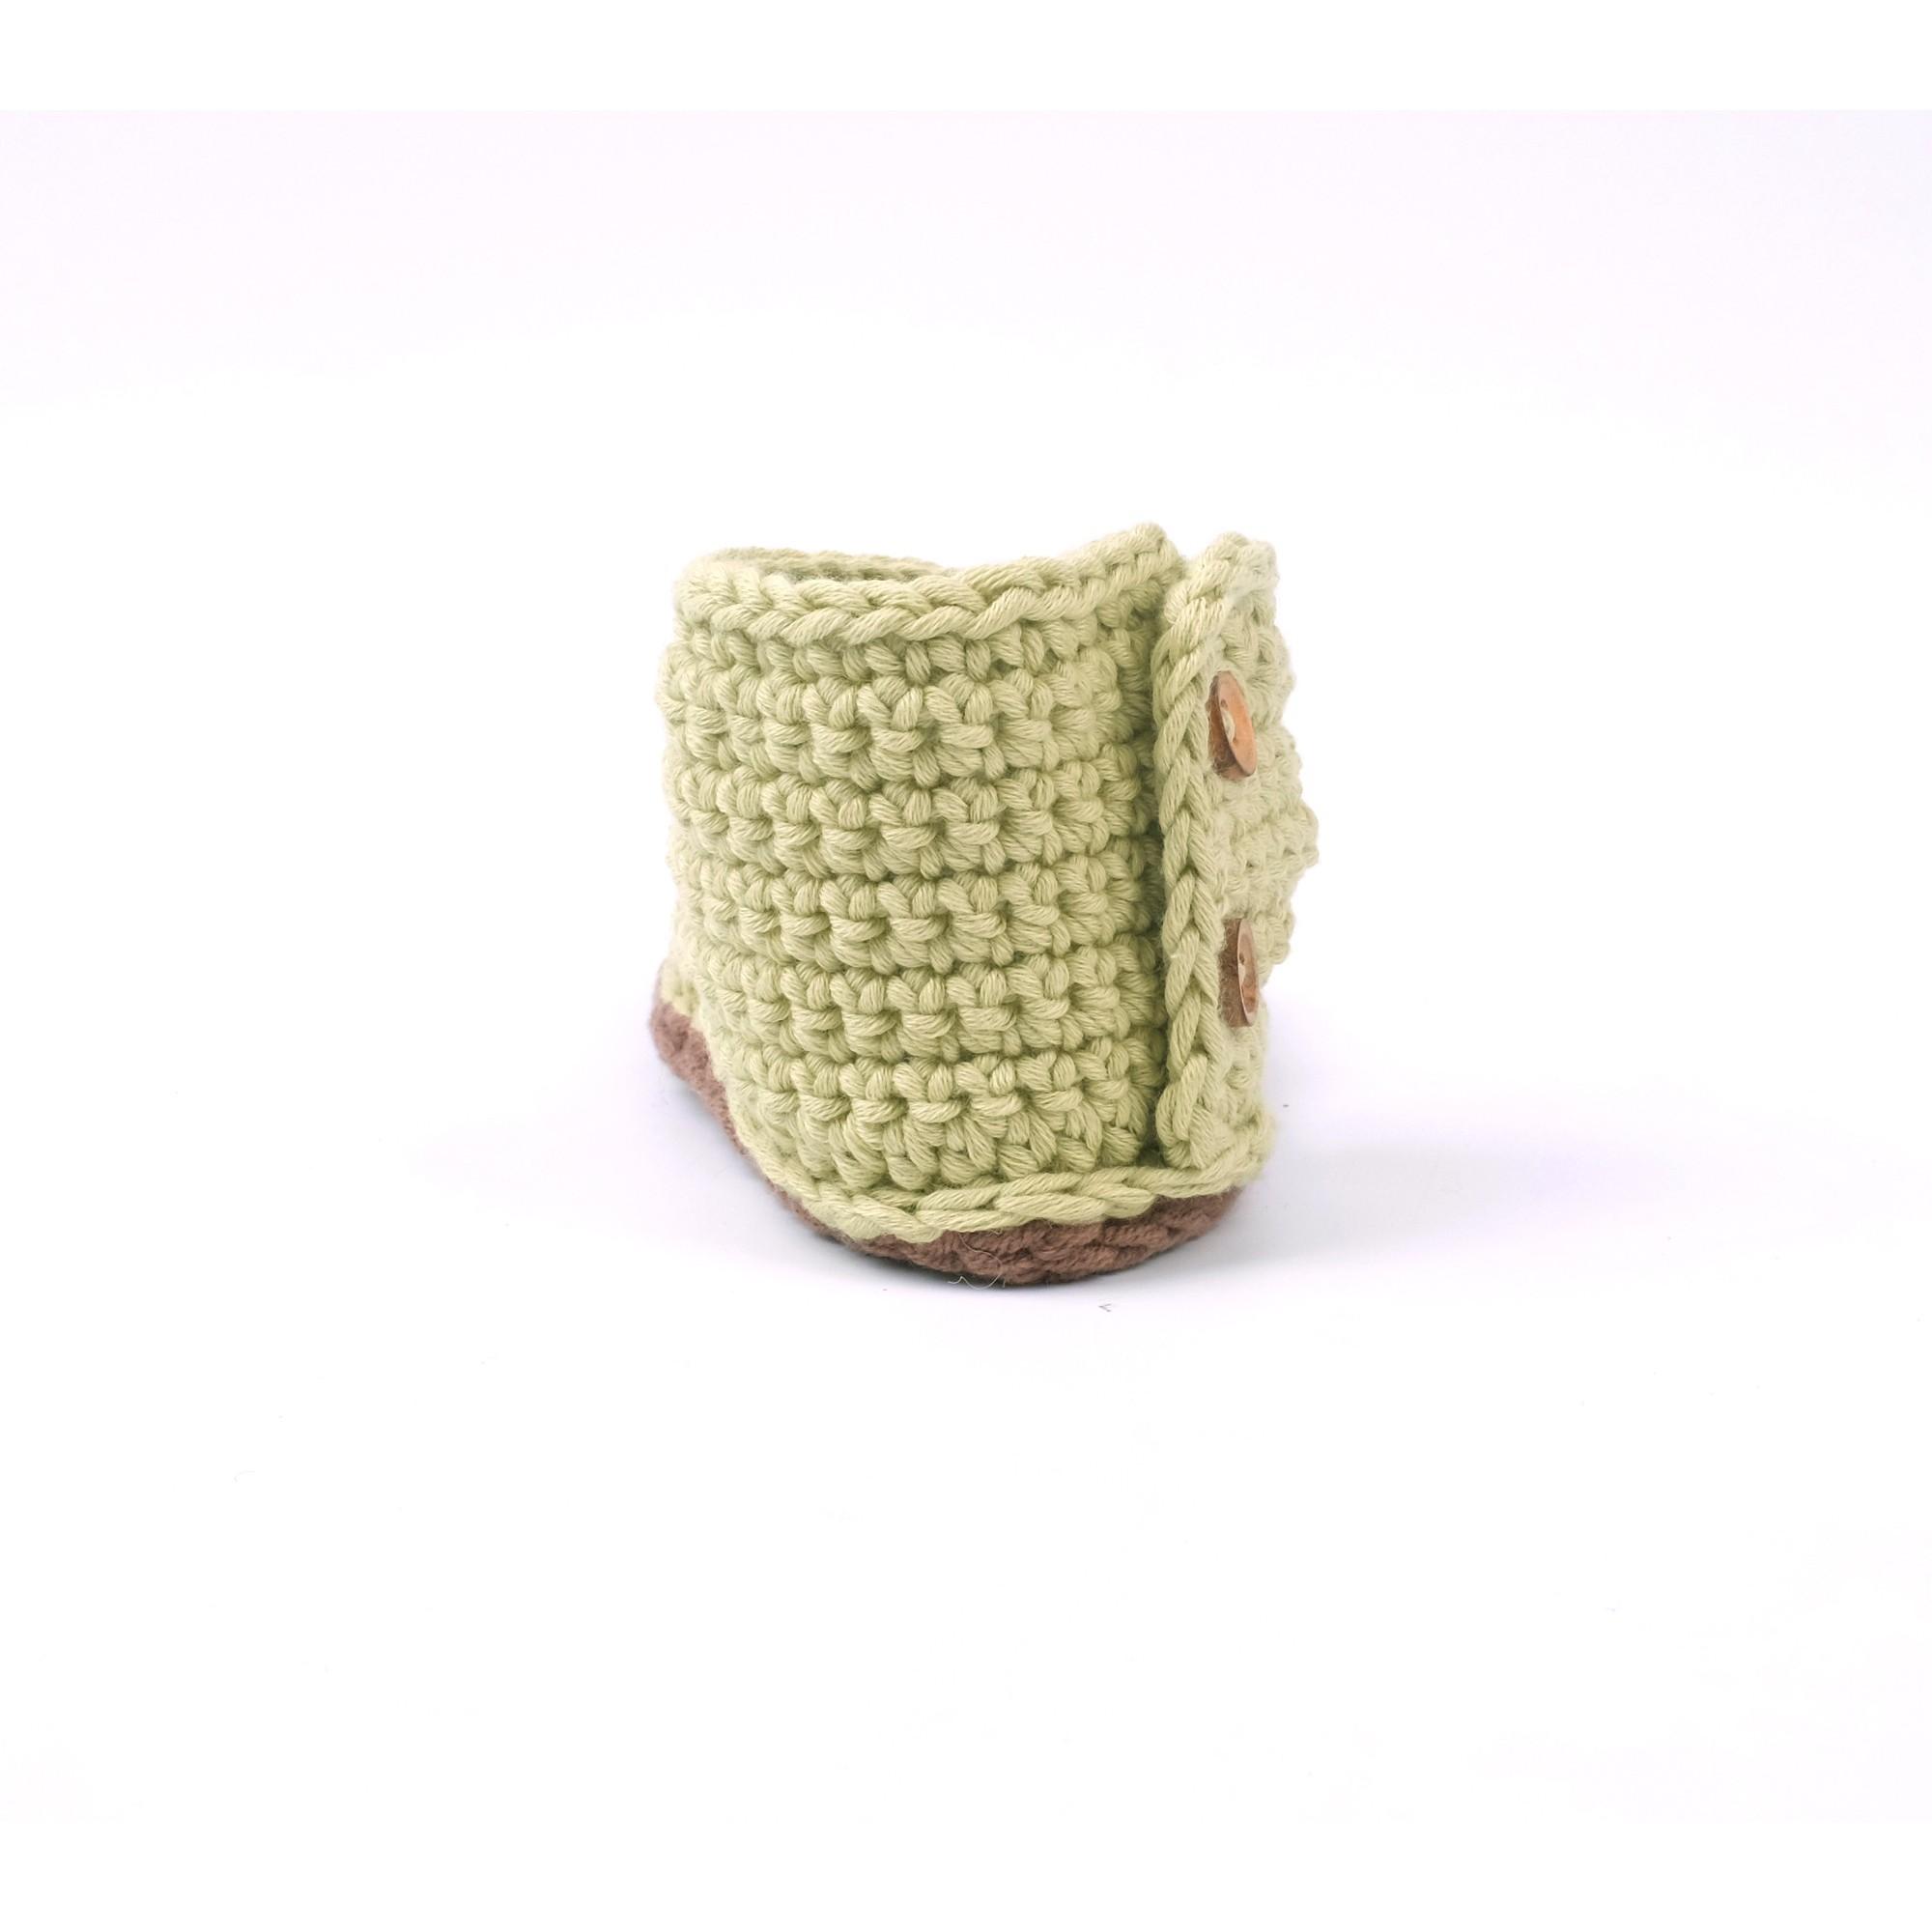 Sandale Jeannette verte tricotée pour bébé - vue de derrière